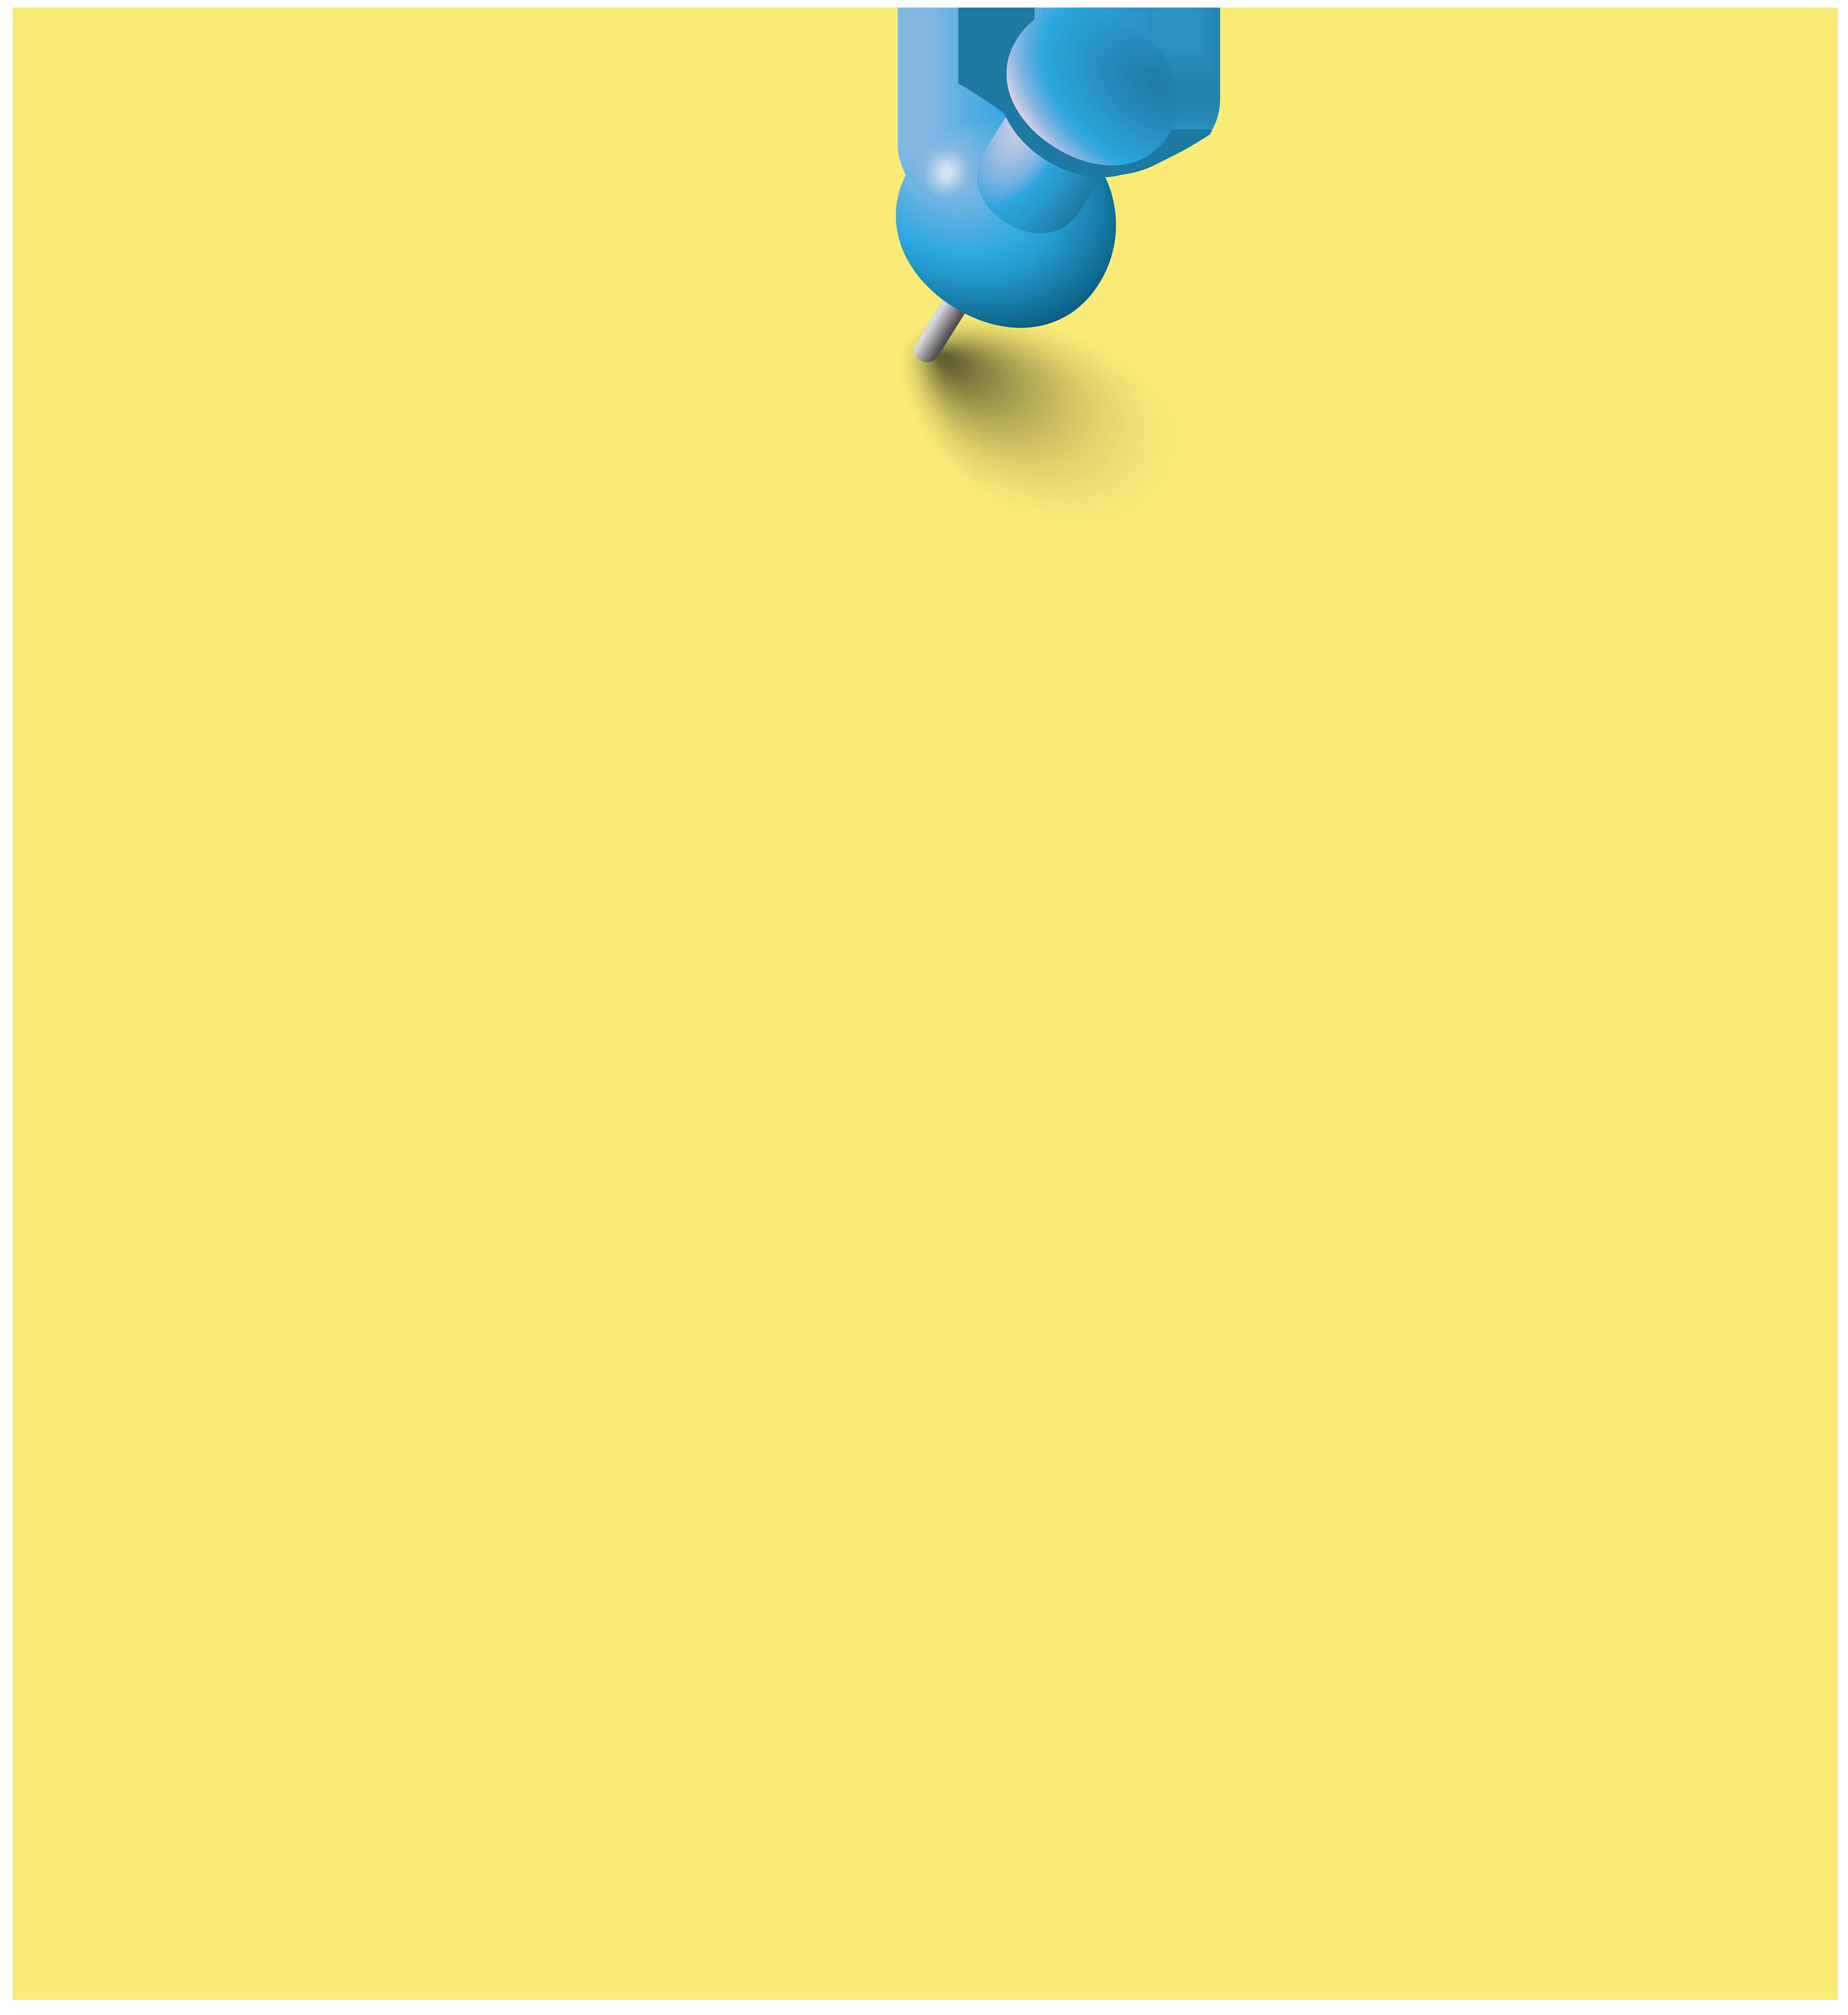 Reminder Note PNG Clip Art Image.